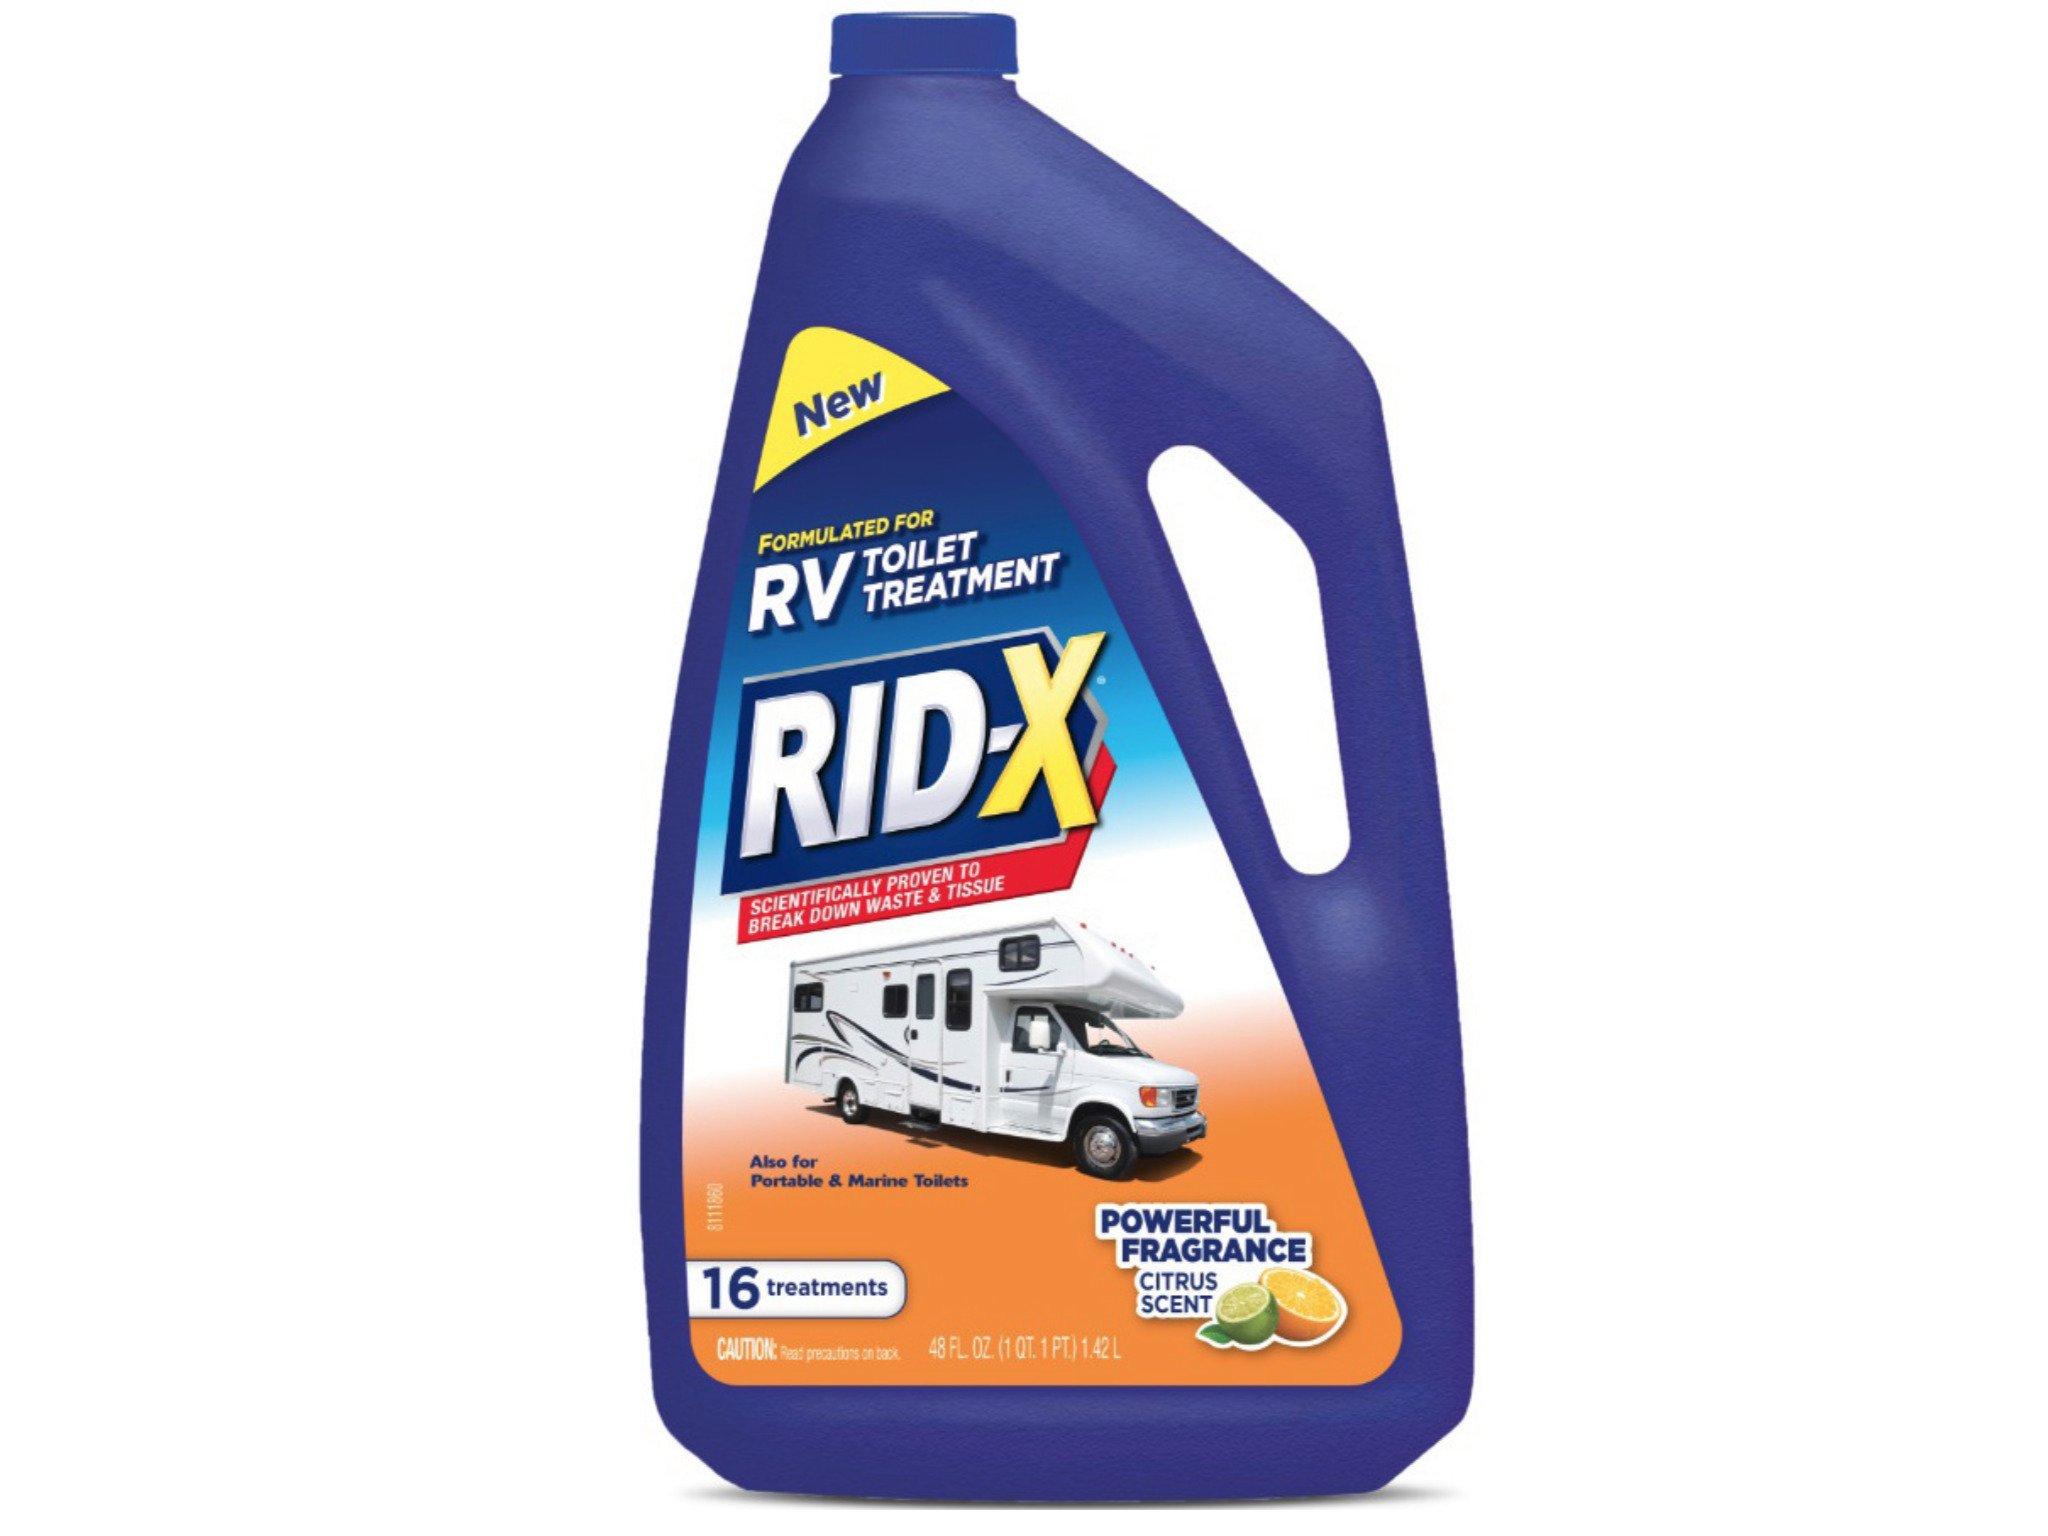 RID-X RV Toilet Treatment Liquid, 16 Treatments, 48 fl oz (Pack of 2)